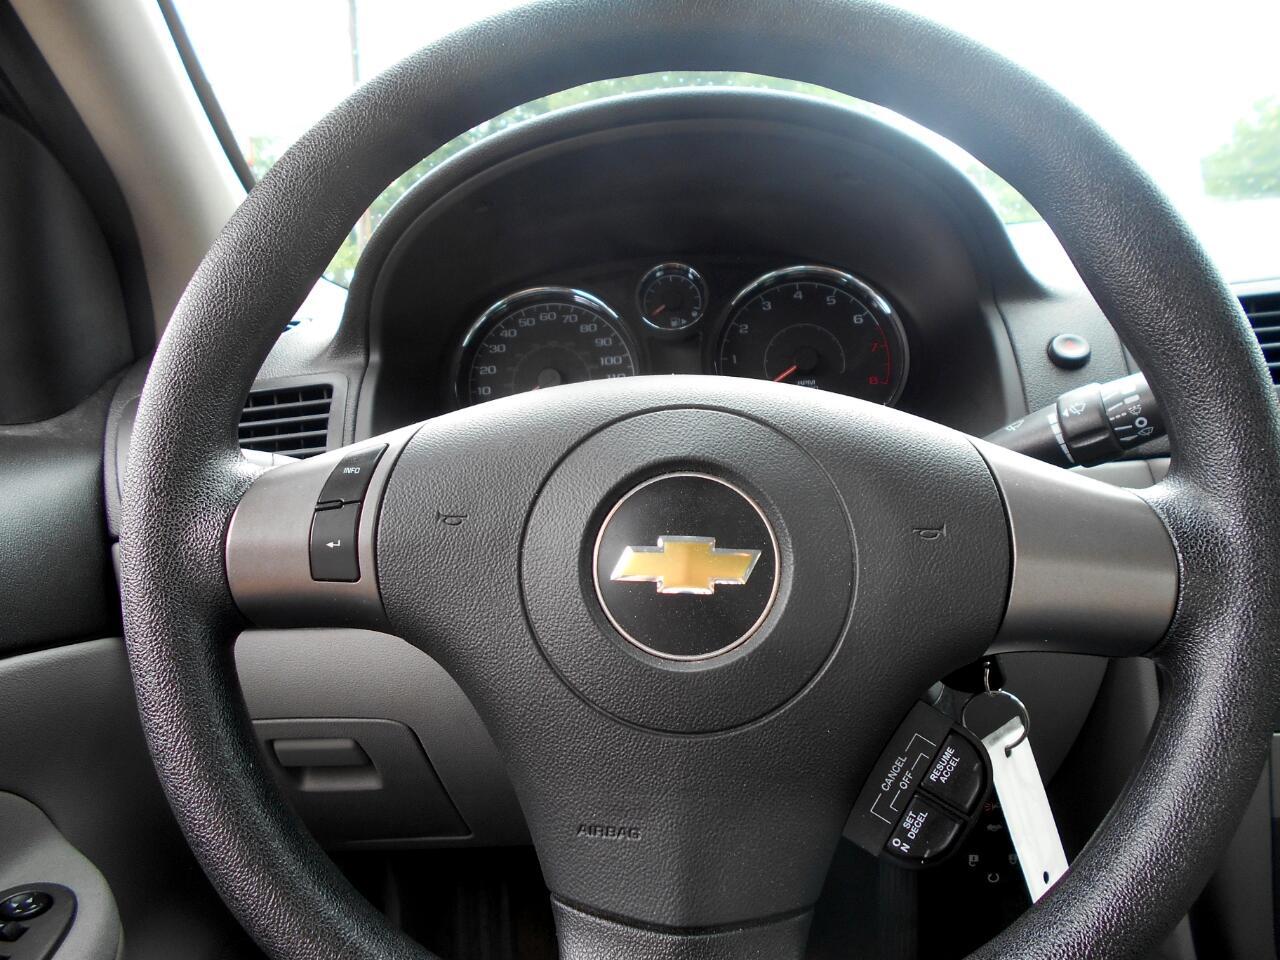 2008 Chevrolet Cobalt LT1 Sedan